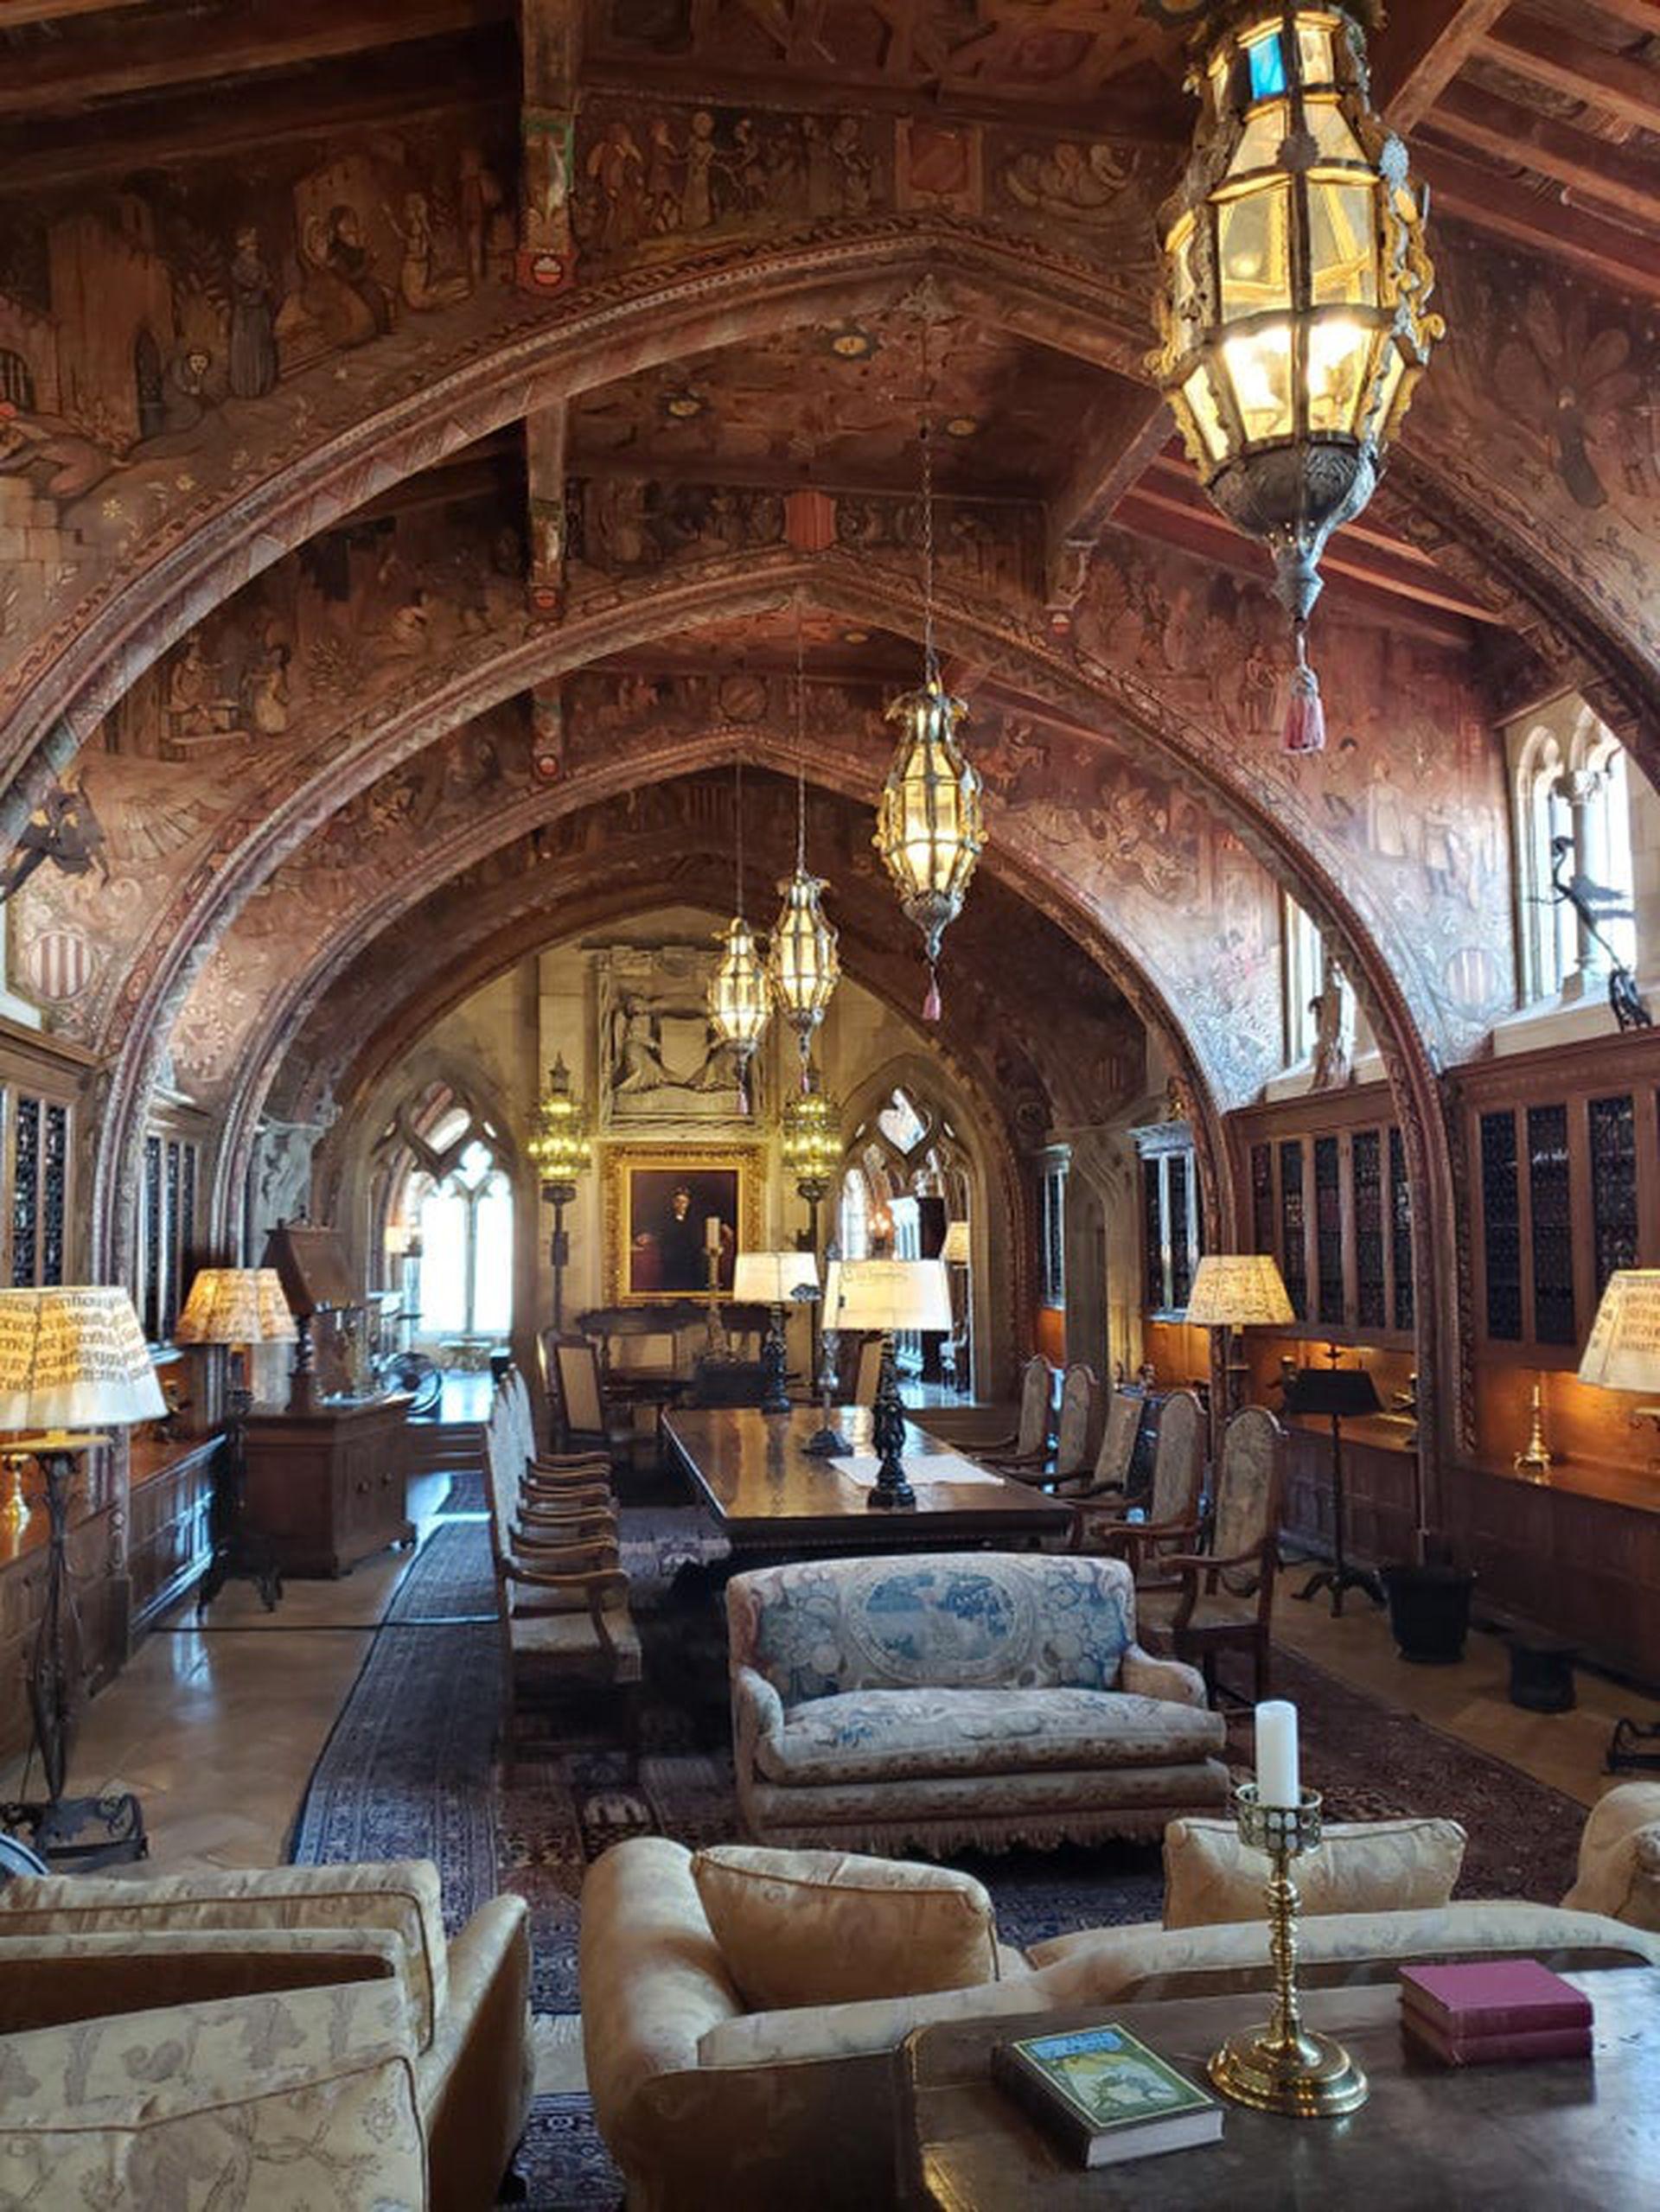 Tras una escalera de 322 escalones se accede a la Gothic Suite de la Casa Grande.